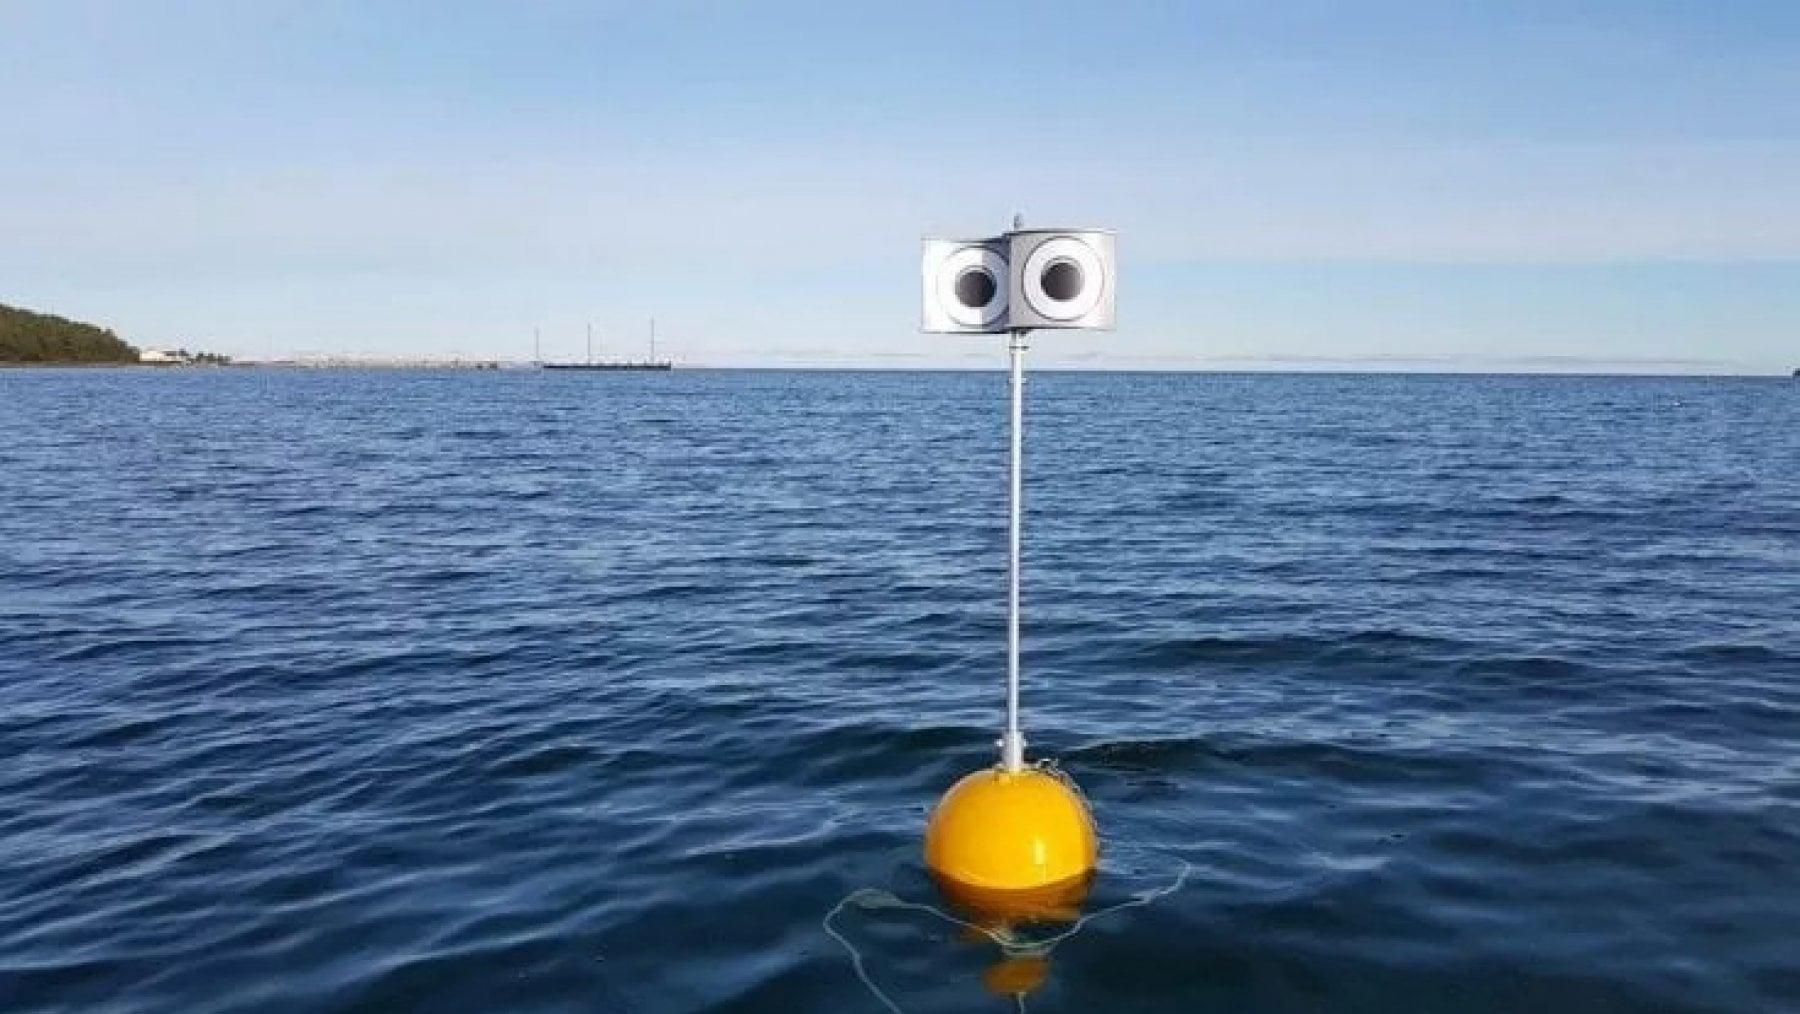 Il robot galleggiante che salva gli uccelli dalle reti da pesca